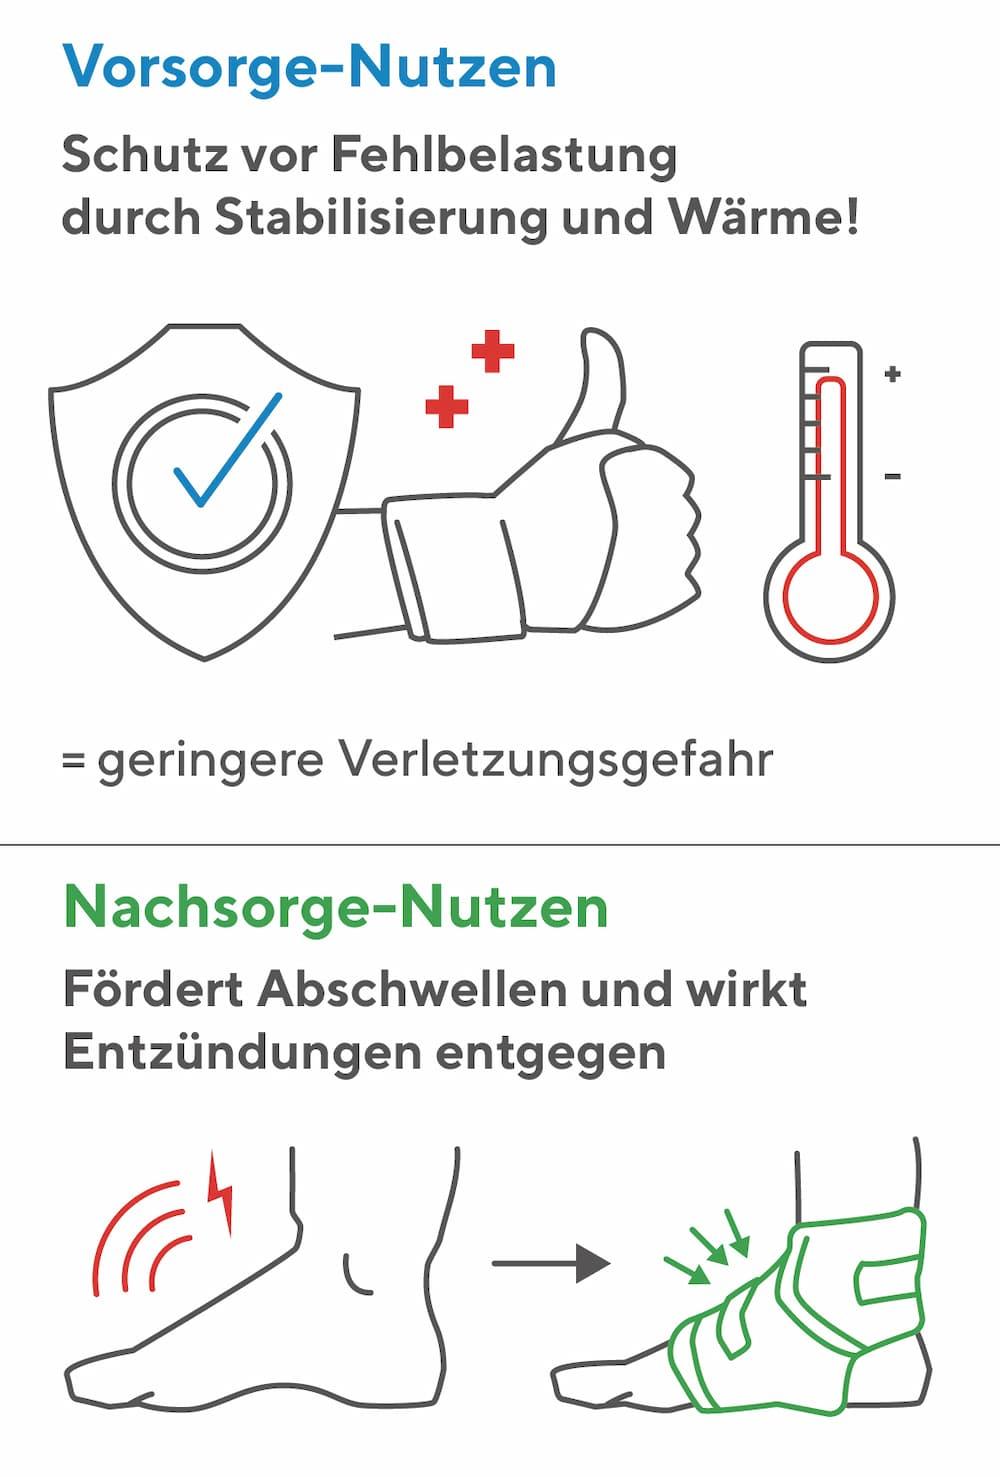 Bandagen: Vorsorge und Nachsorge